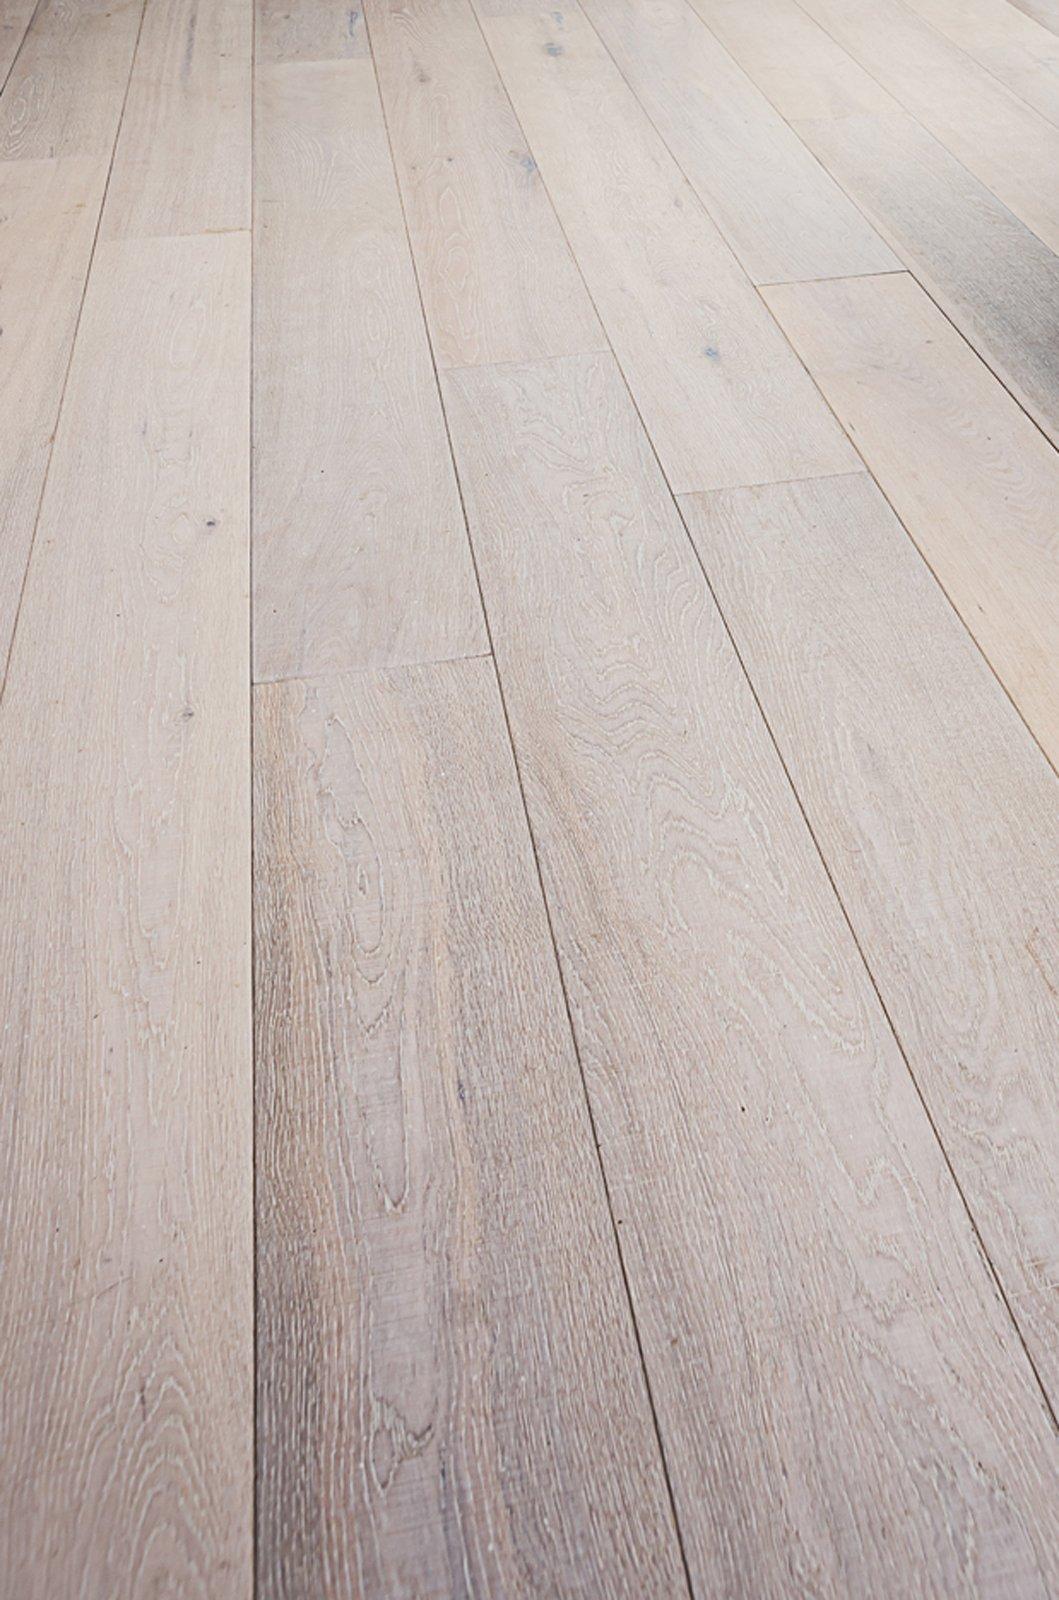 Stile vintage un 39 impronta particolare cose di casa - Pavimenti laminato ikea ...